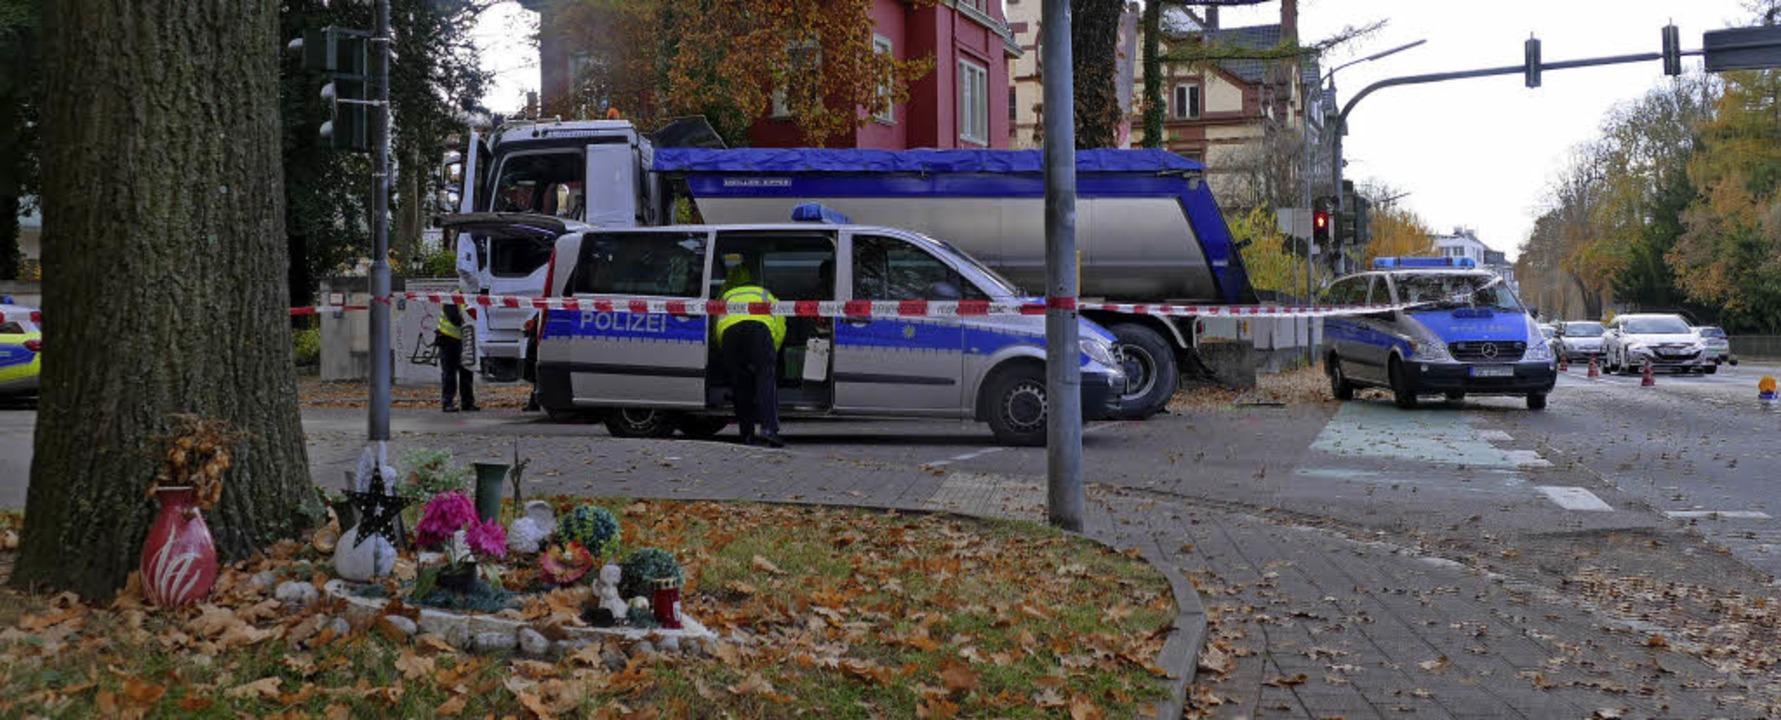 Der Unfallort war aus Gründen der Ermi...n von Kraft- und Radverkehr getrennt.   | Foto: Burgmaier